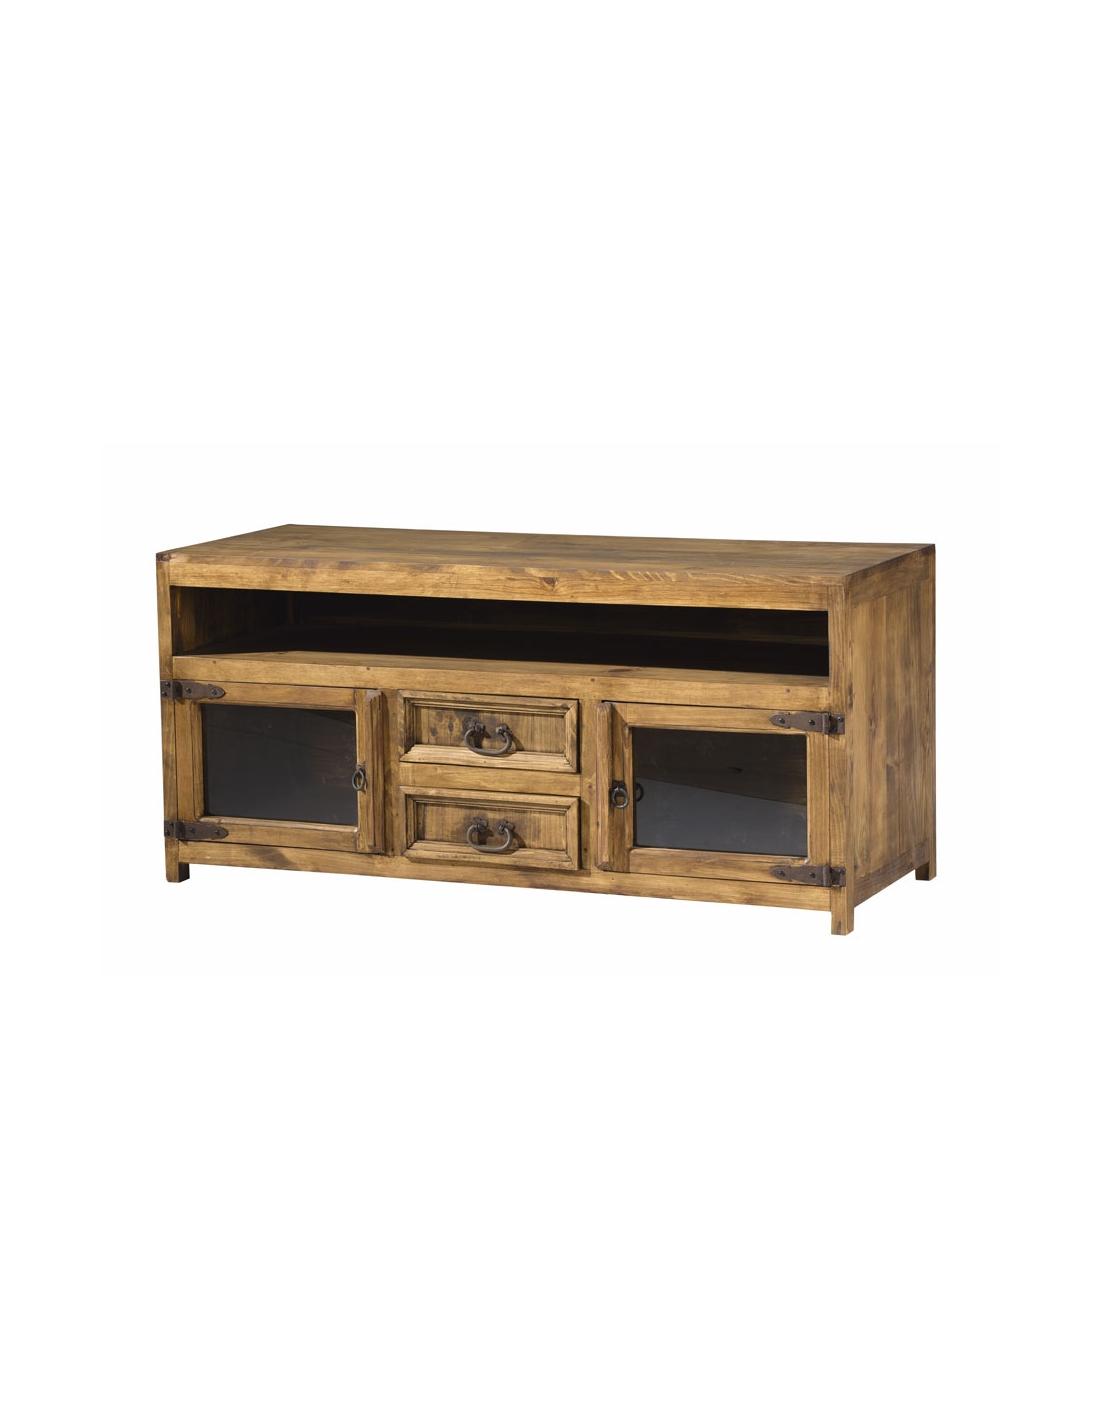 Comprar mueble tv de madera estilo rustico modelo 255 for Estilos de muebles de madera